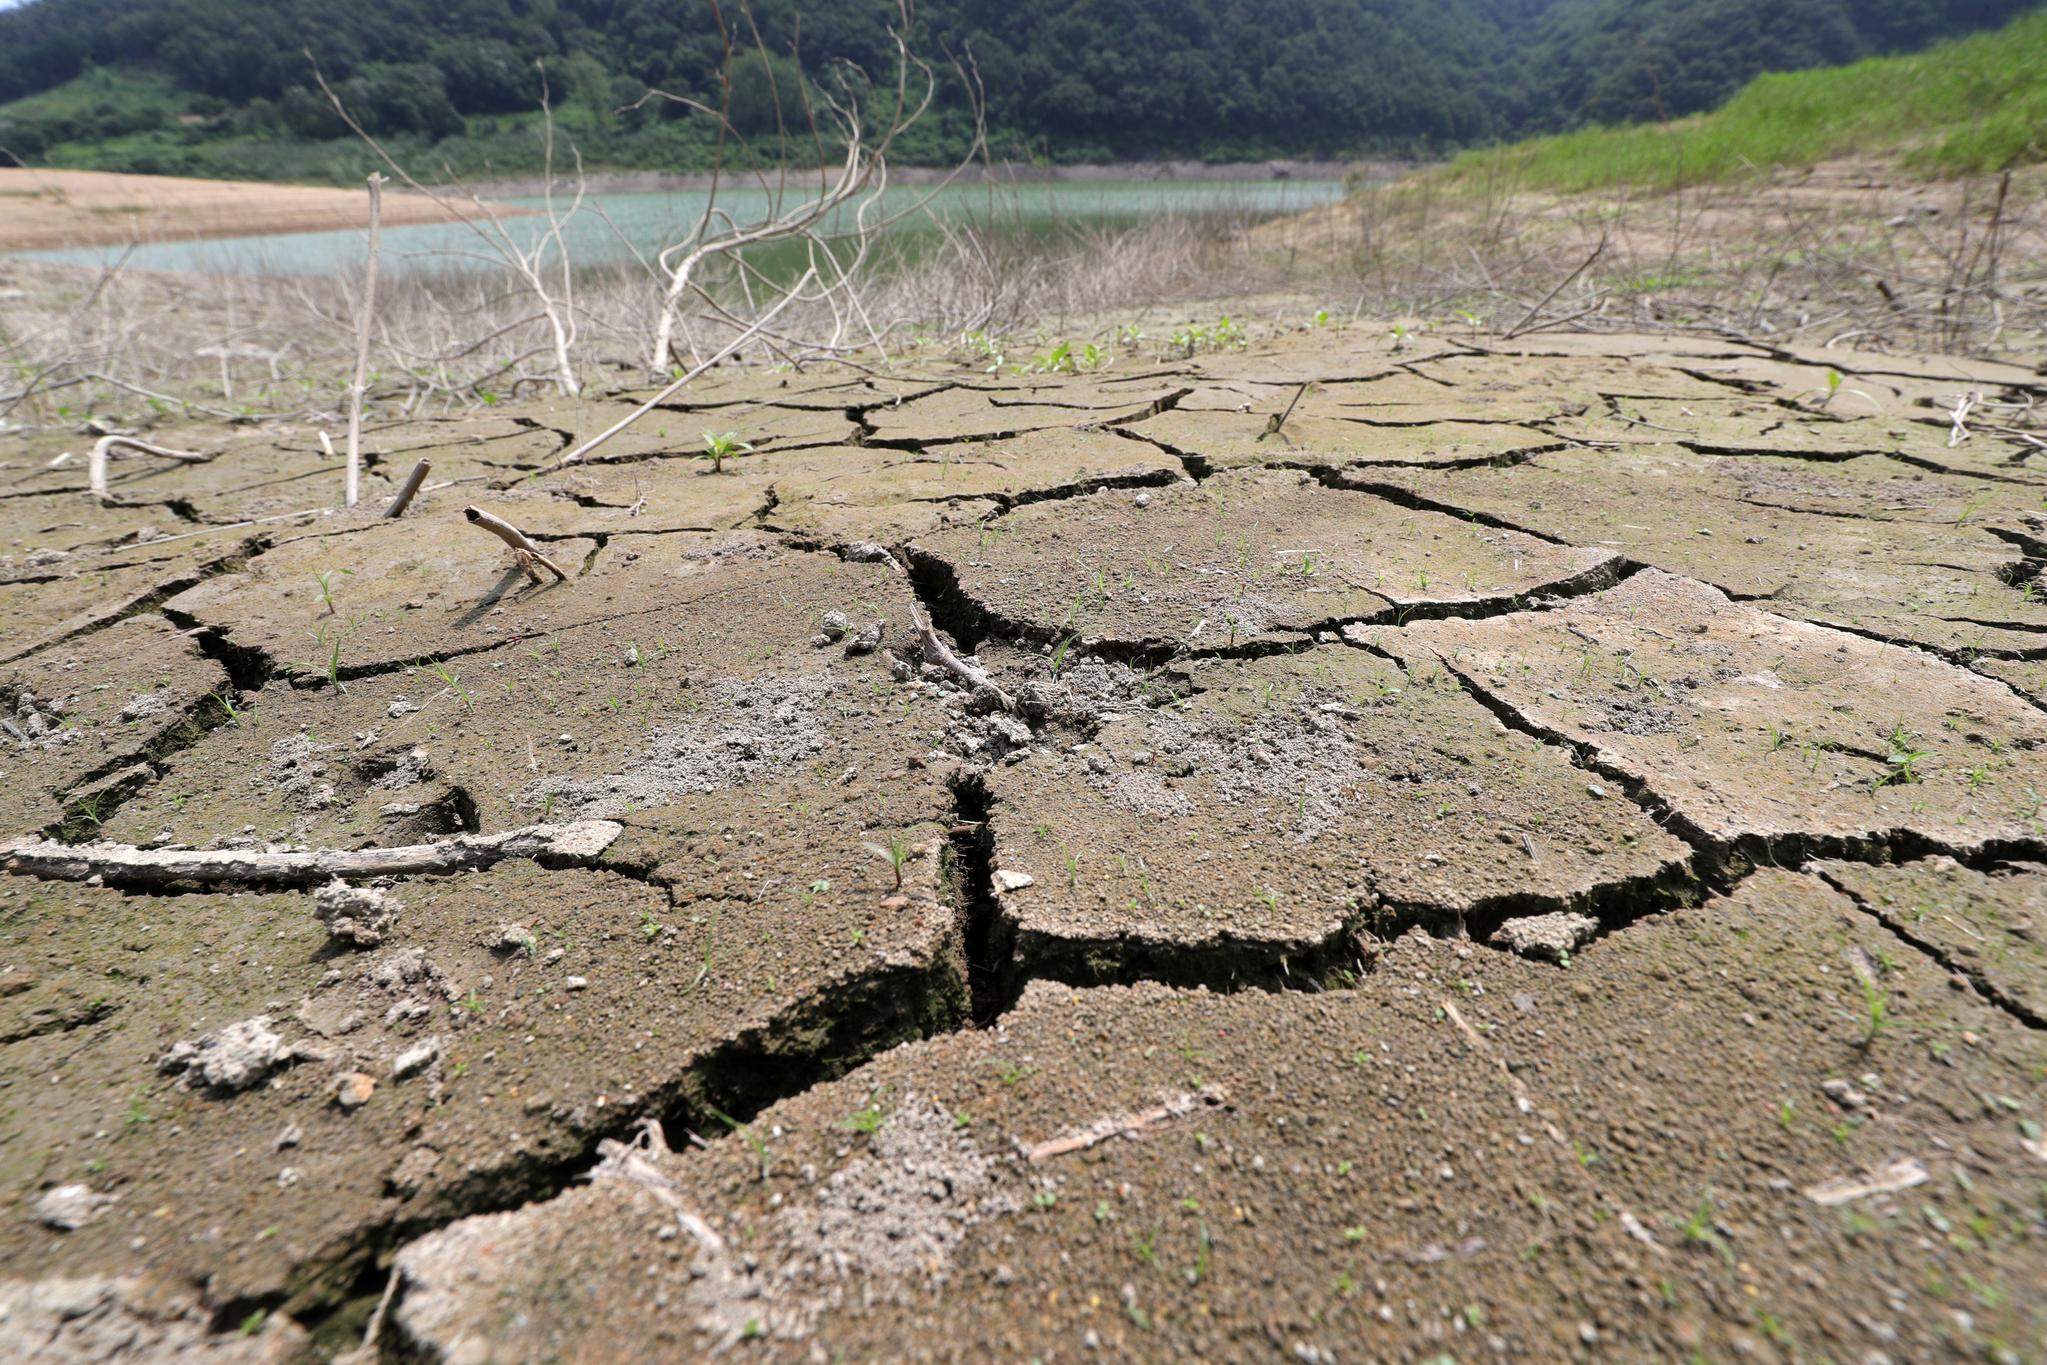 지난해 8월 유례없는 폭염과 가뭄으로 전북 임실군 운암면 옥정호의 물이 말라가며 바닥이 쩍쩍 갈라졌다. [뉴스1]